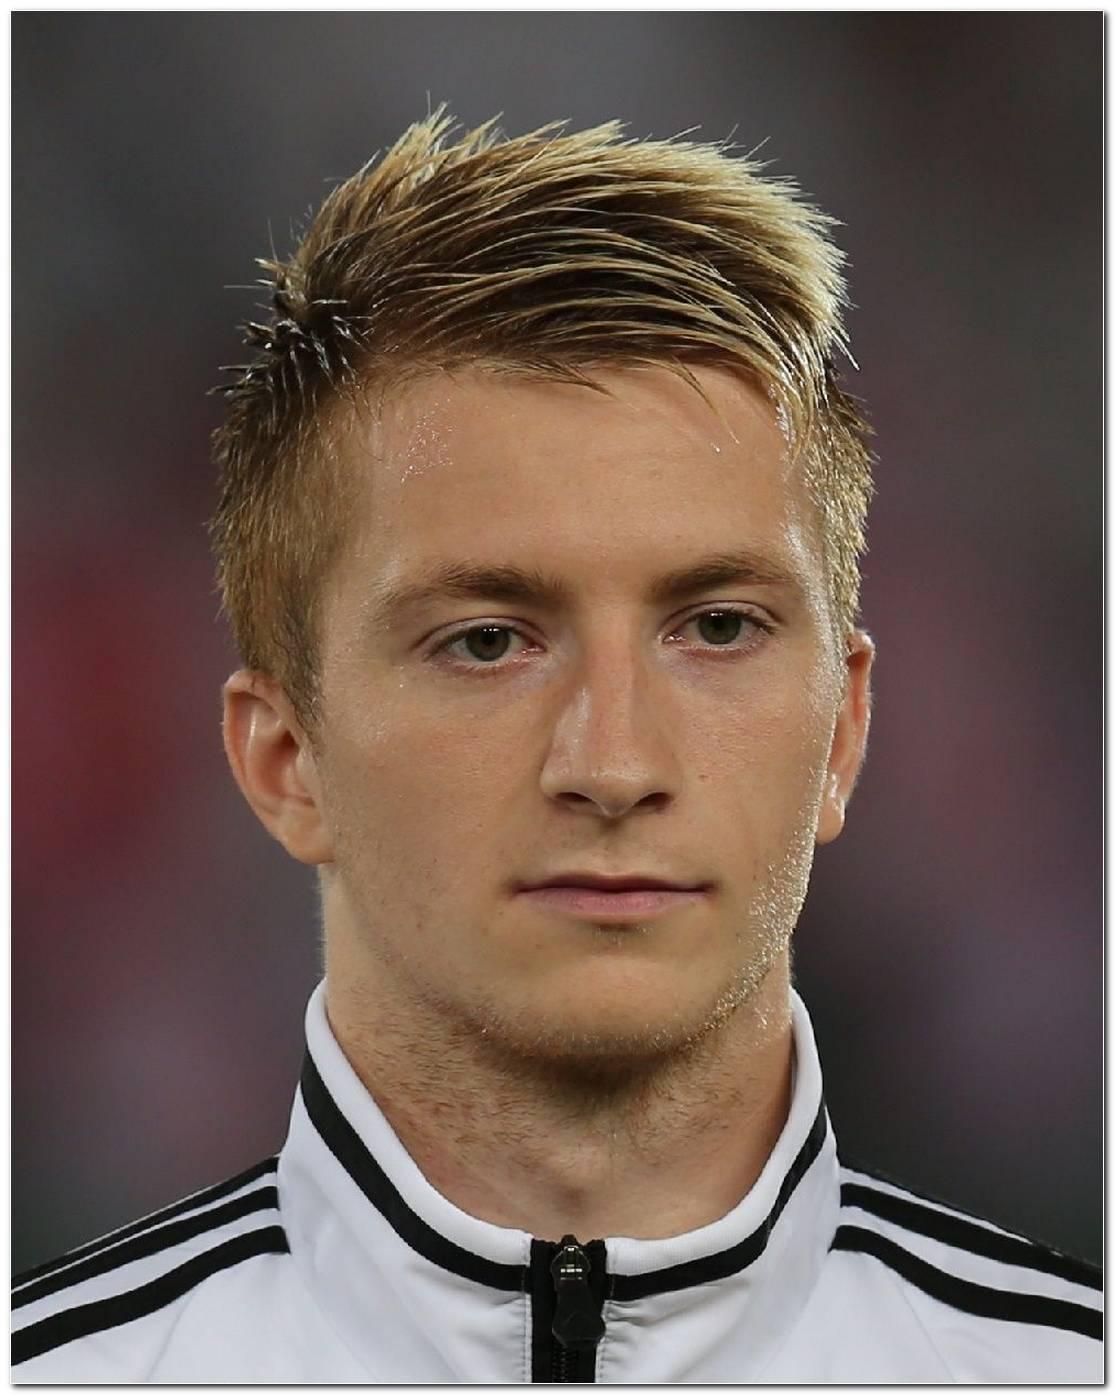 Frisur Von Reus